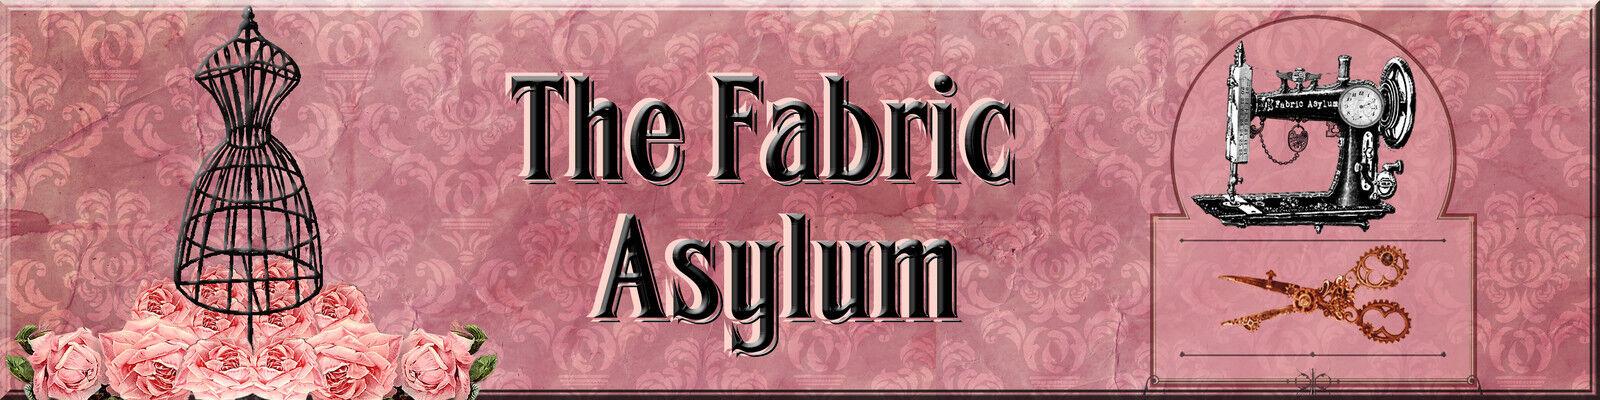 The Fabric Asylum